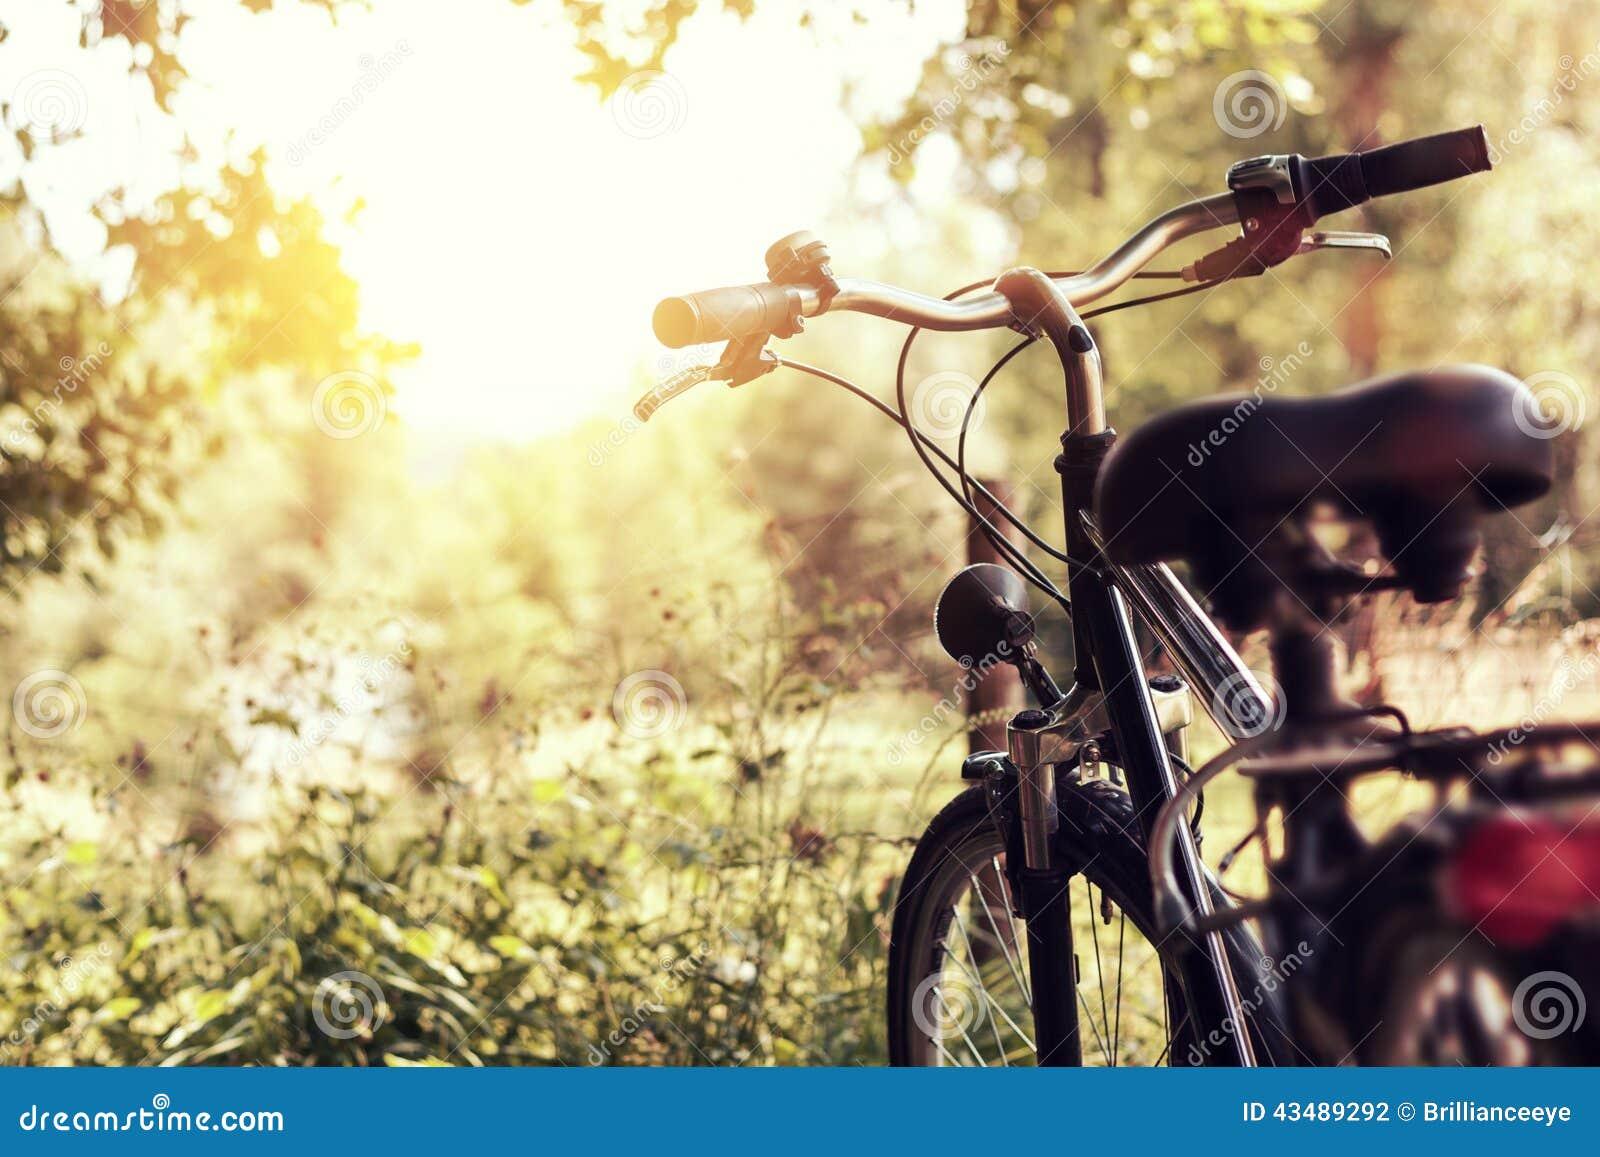 Ηλιοφάνεια και μόνιμο ποδήλατο στη φύση